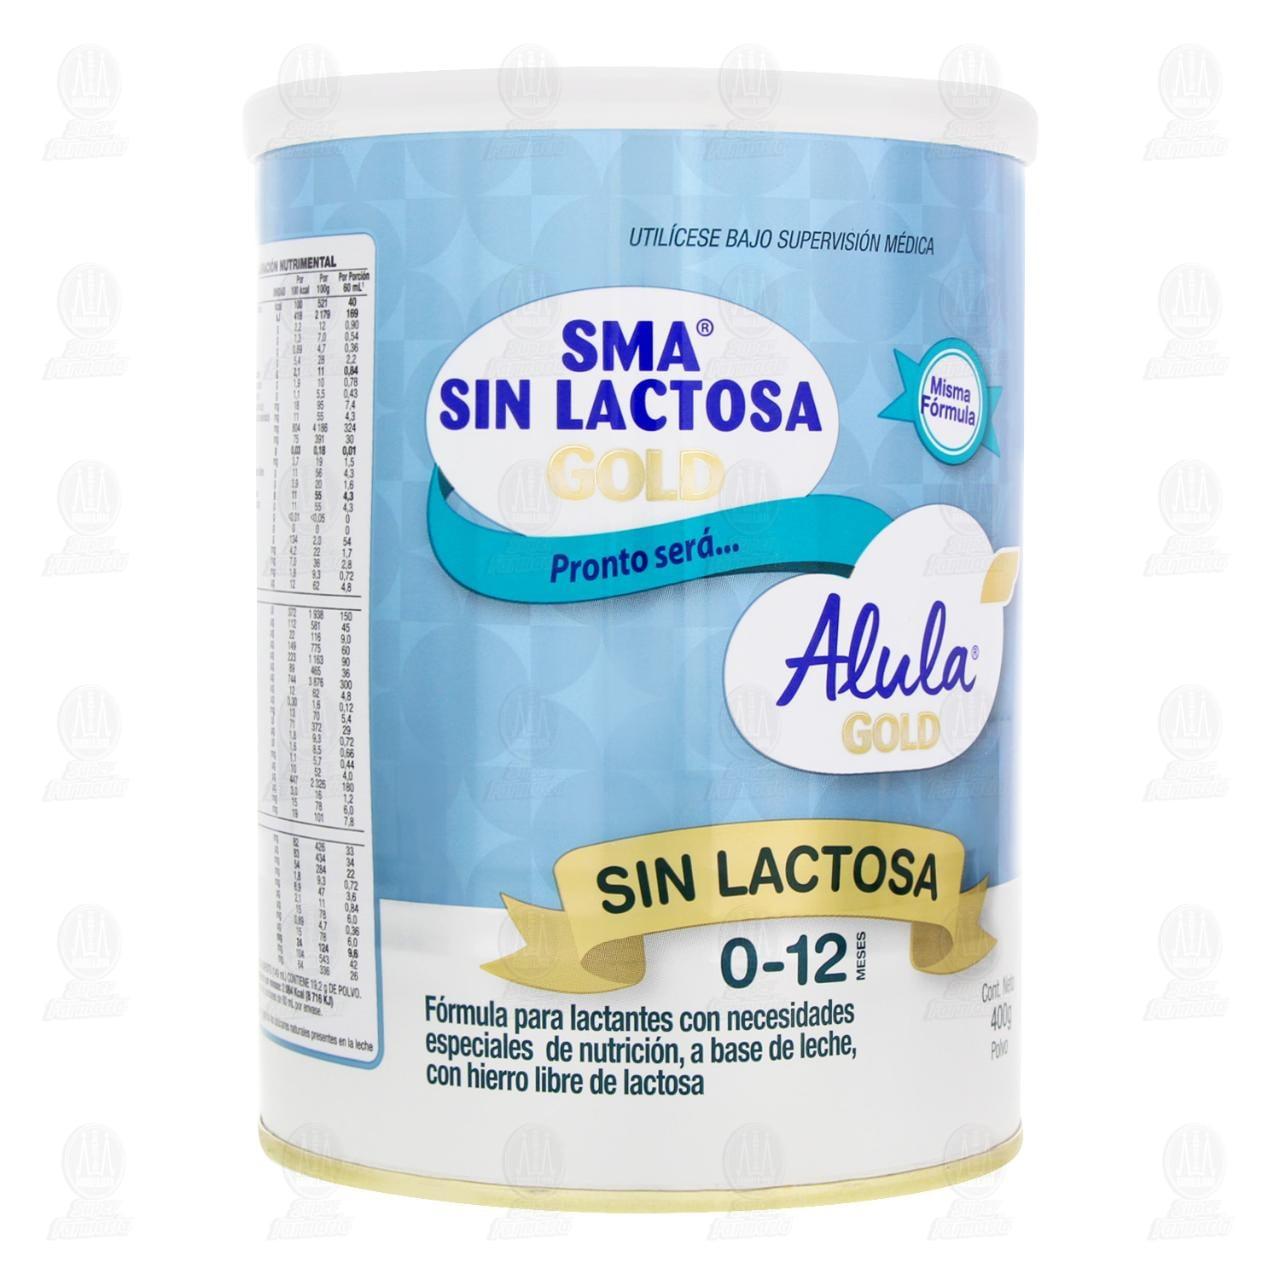 Comprar Fórmula Infantil SMA Gold Sin Lactosa en Polvo (Edad 0-12 Meses), 400 gr. en Farmacias Guadalajara